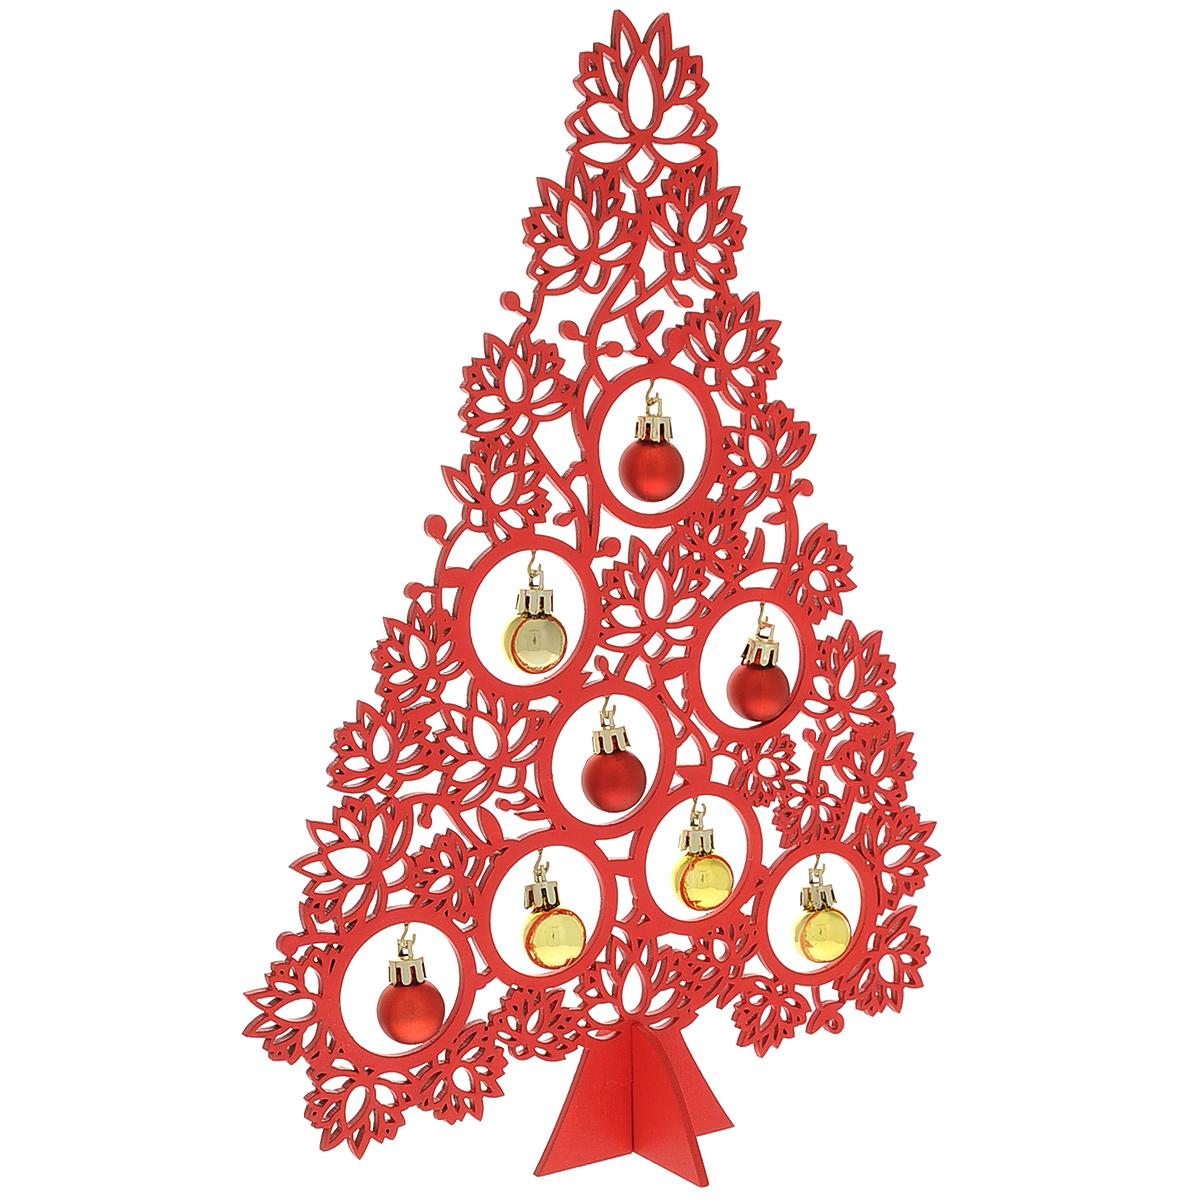 Украшение новогоднее Magic Time Ель с игрушками, цвет: красный, высота 34 см статуэтки magic time обезьяна клоун с кеглями